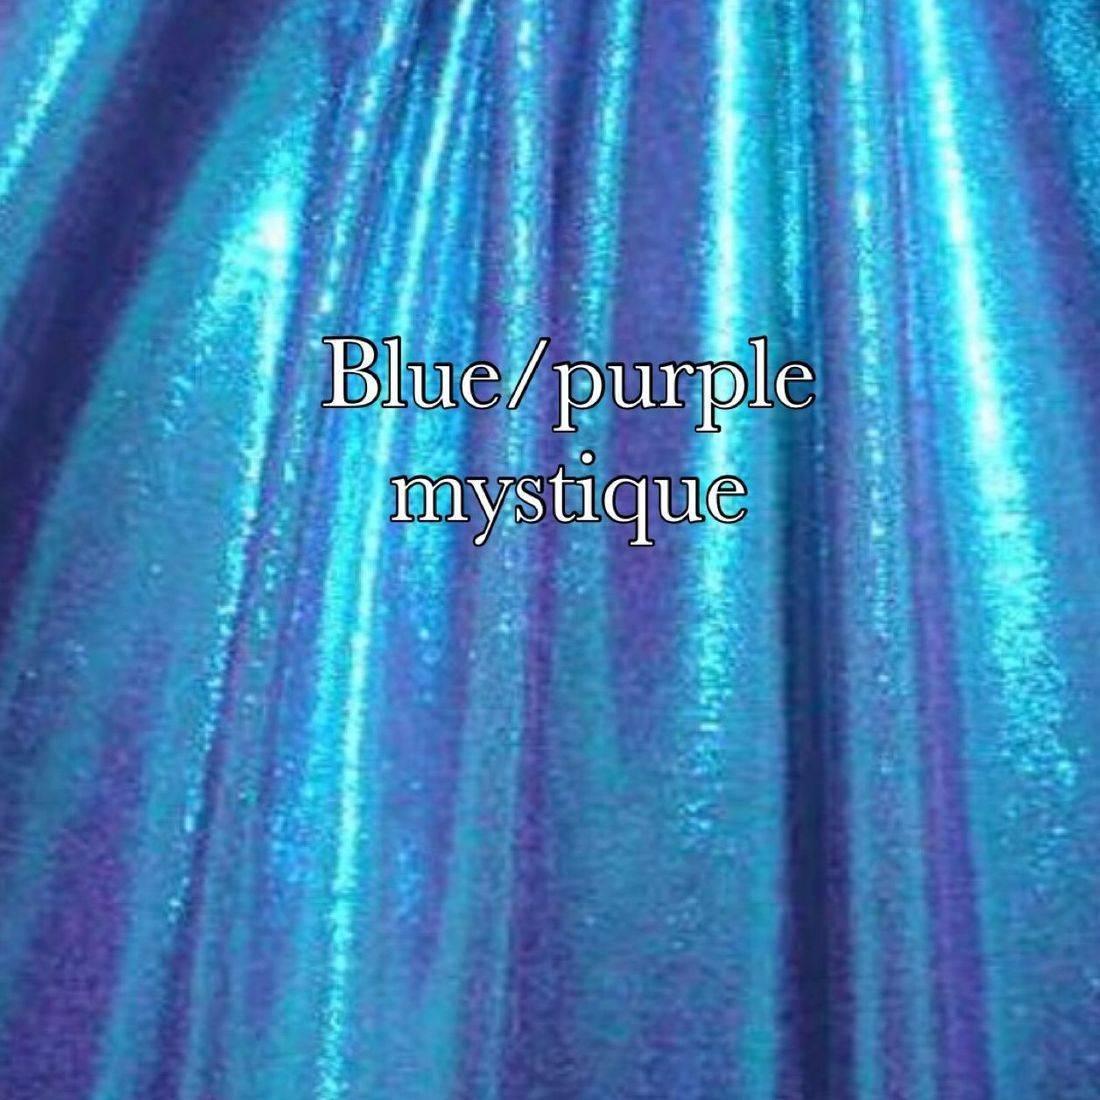 Blue purple mist